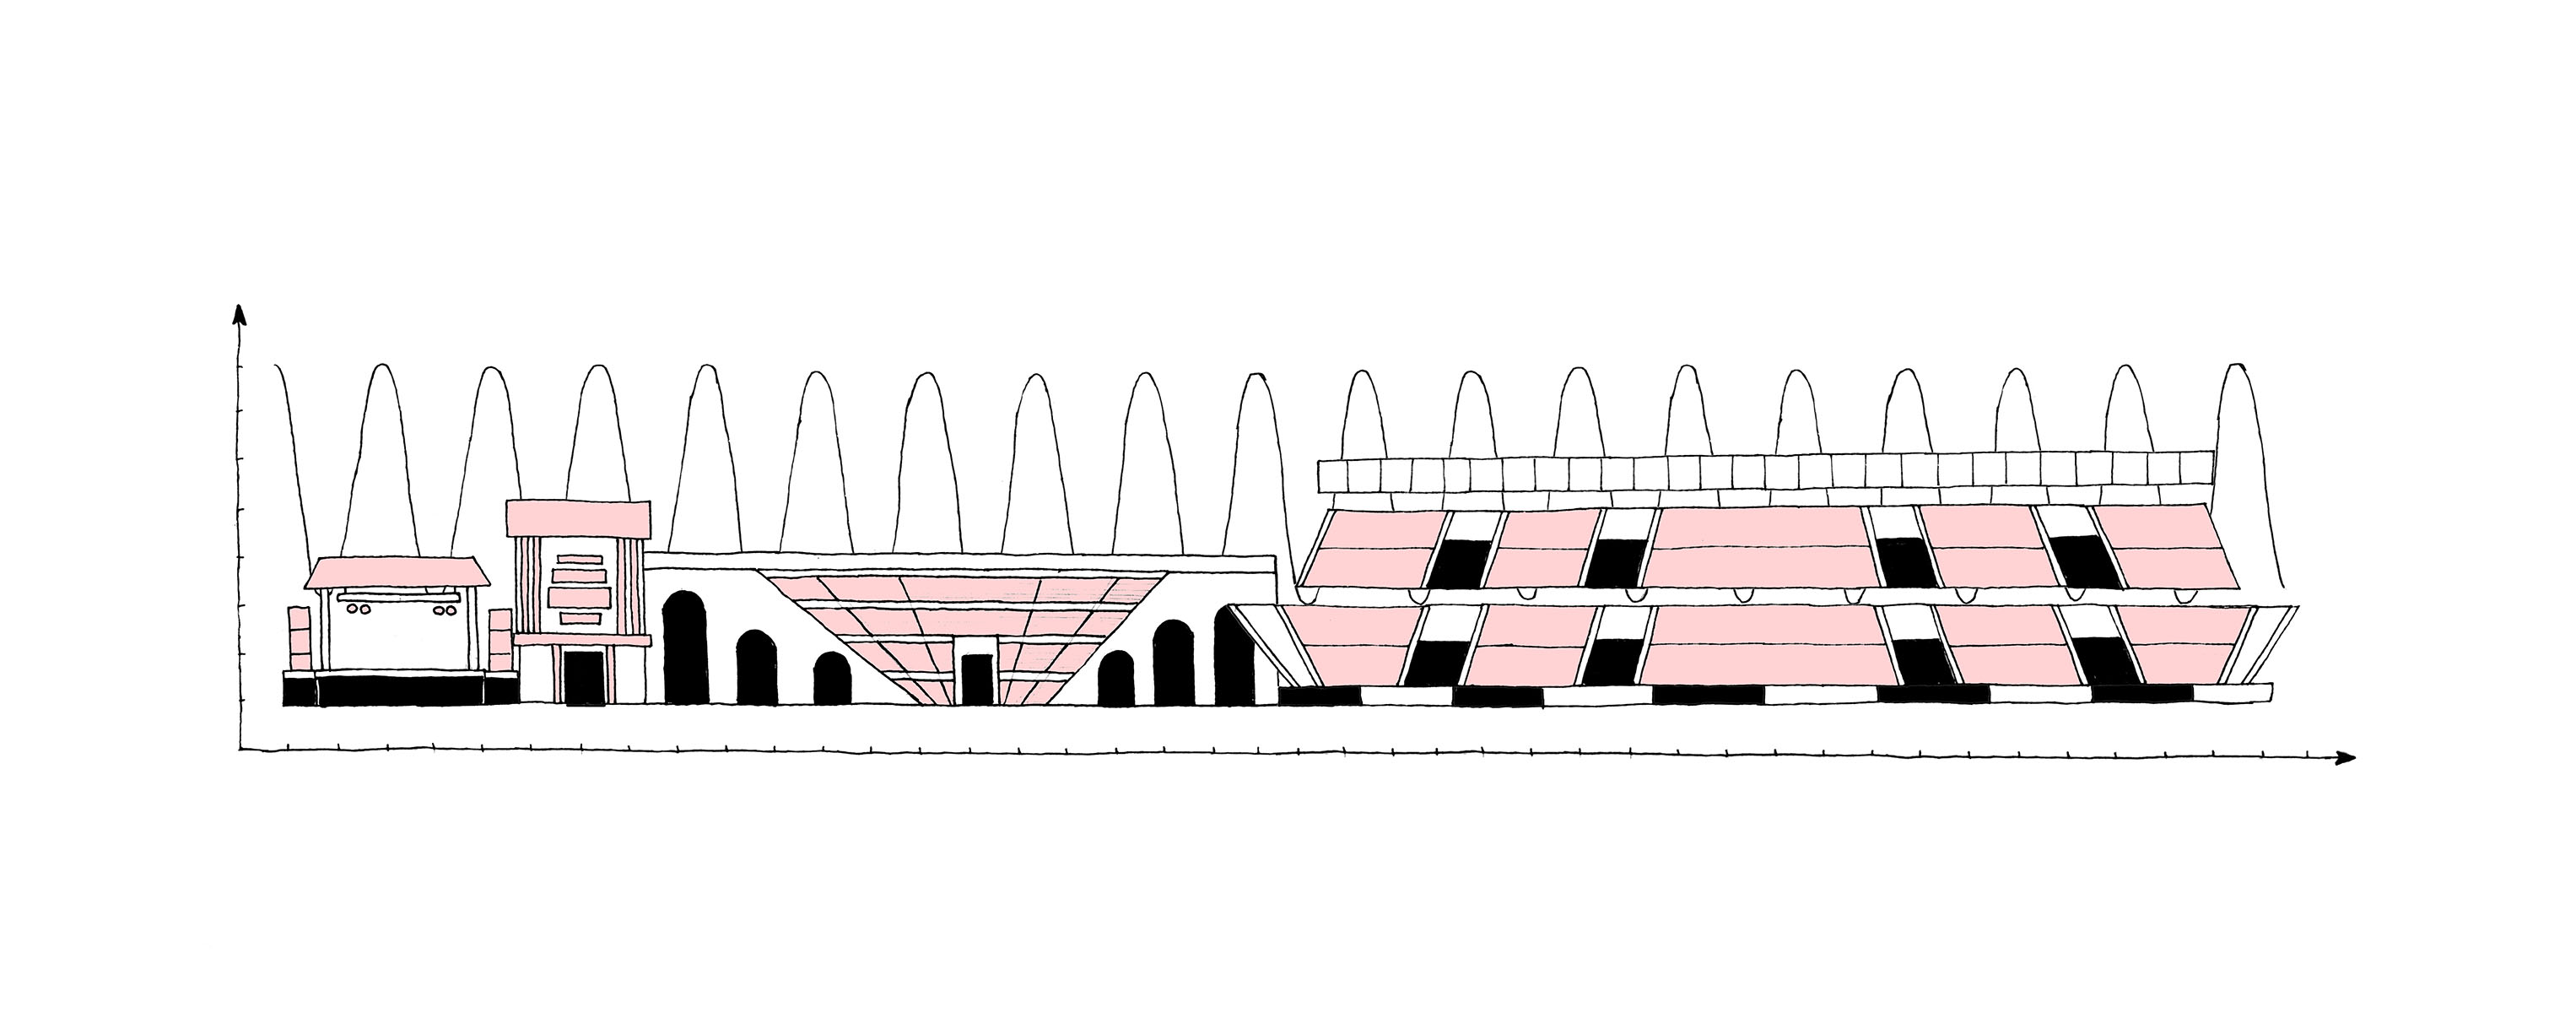 L'histoire des festivals et leur rapport au territoire. Illustrations d'Hadrien Bult.